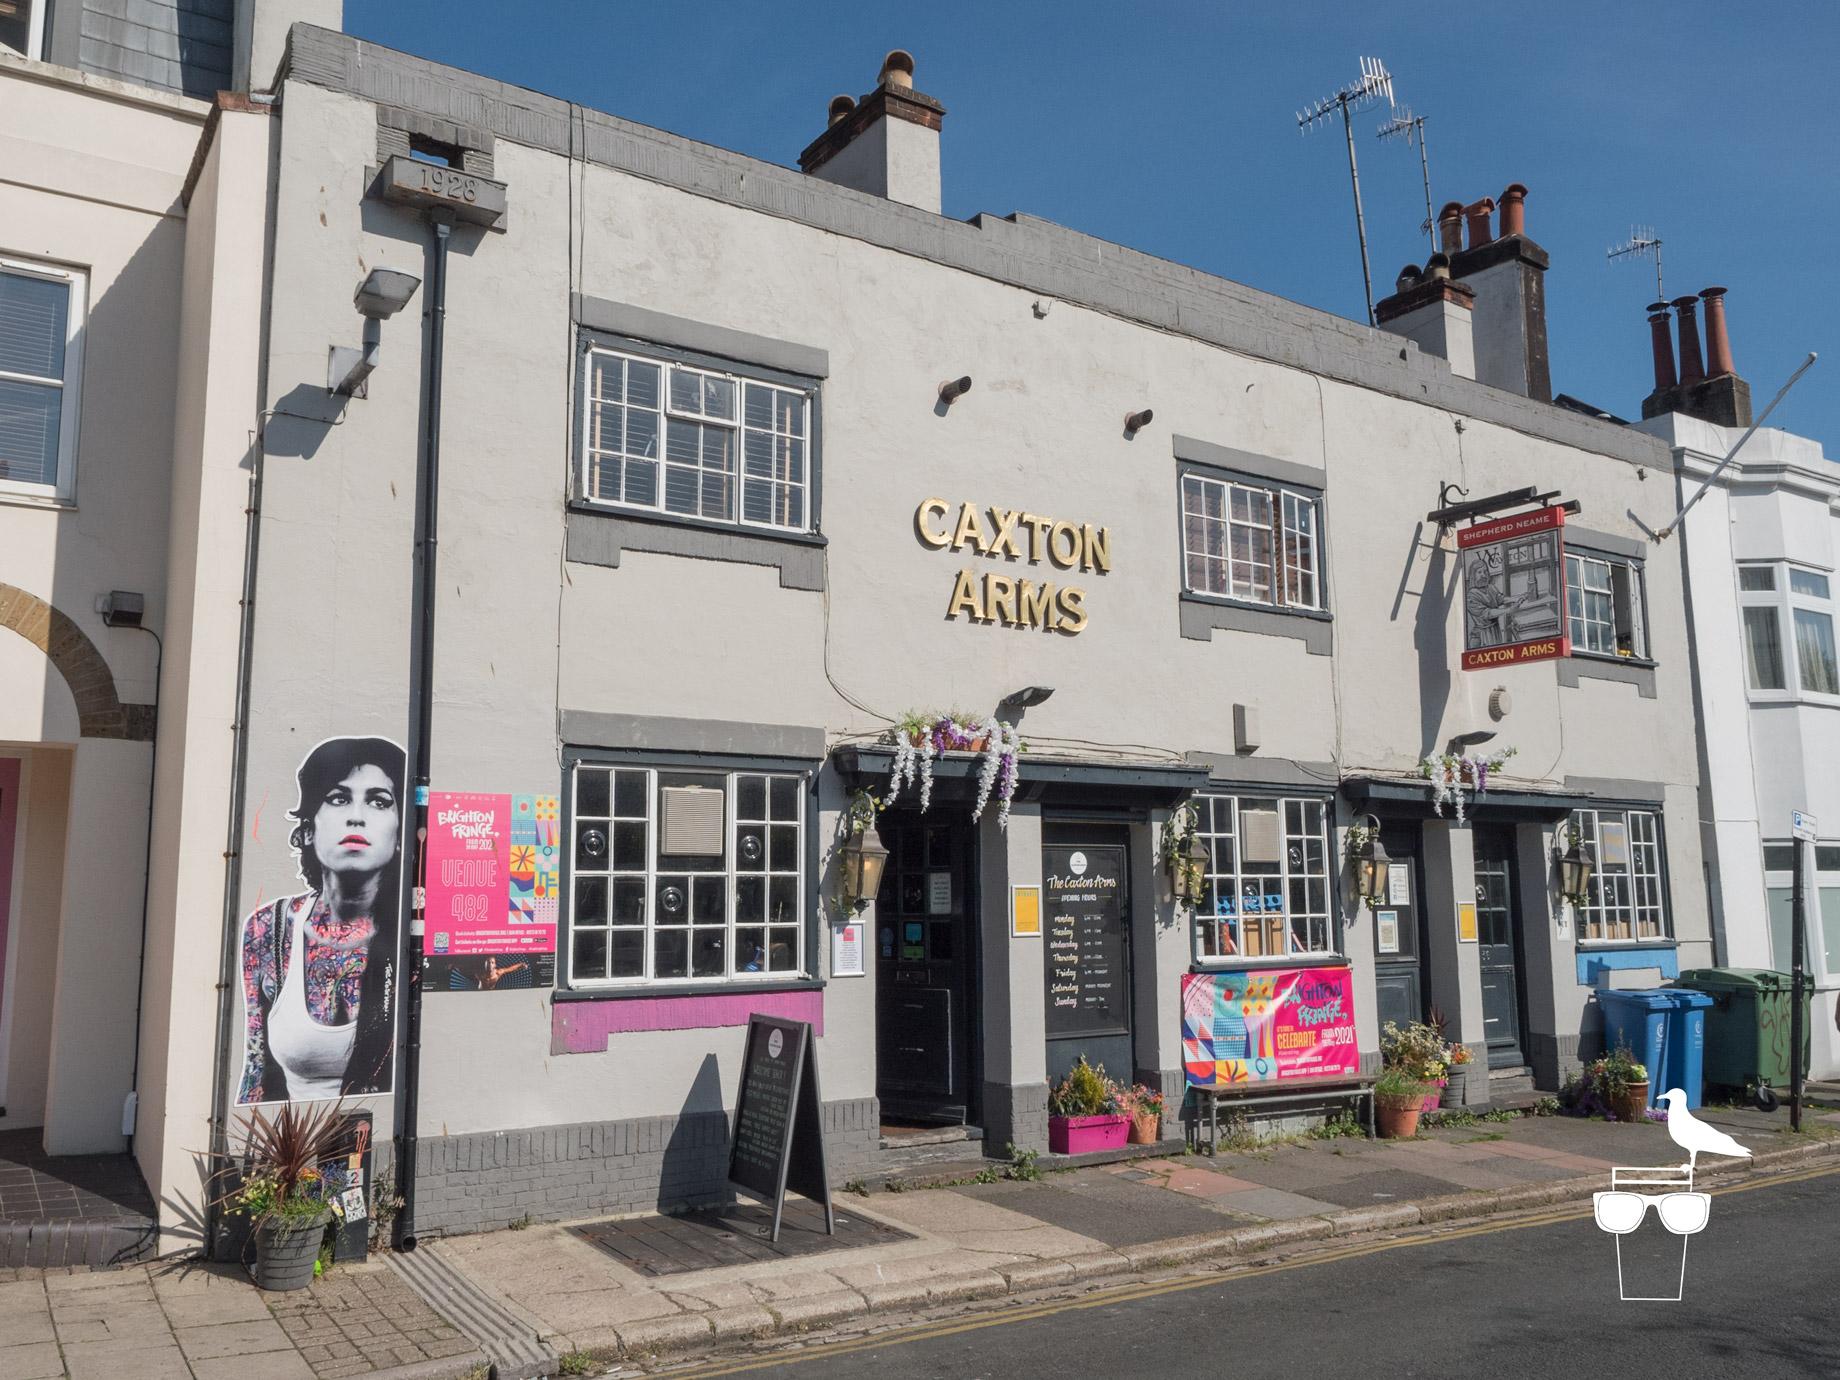 caxton arms pub brighton outside front facade